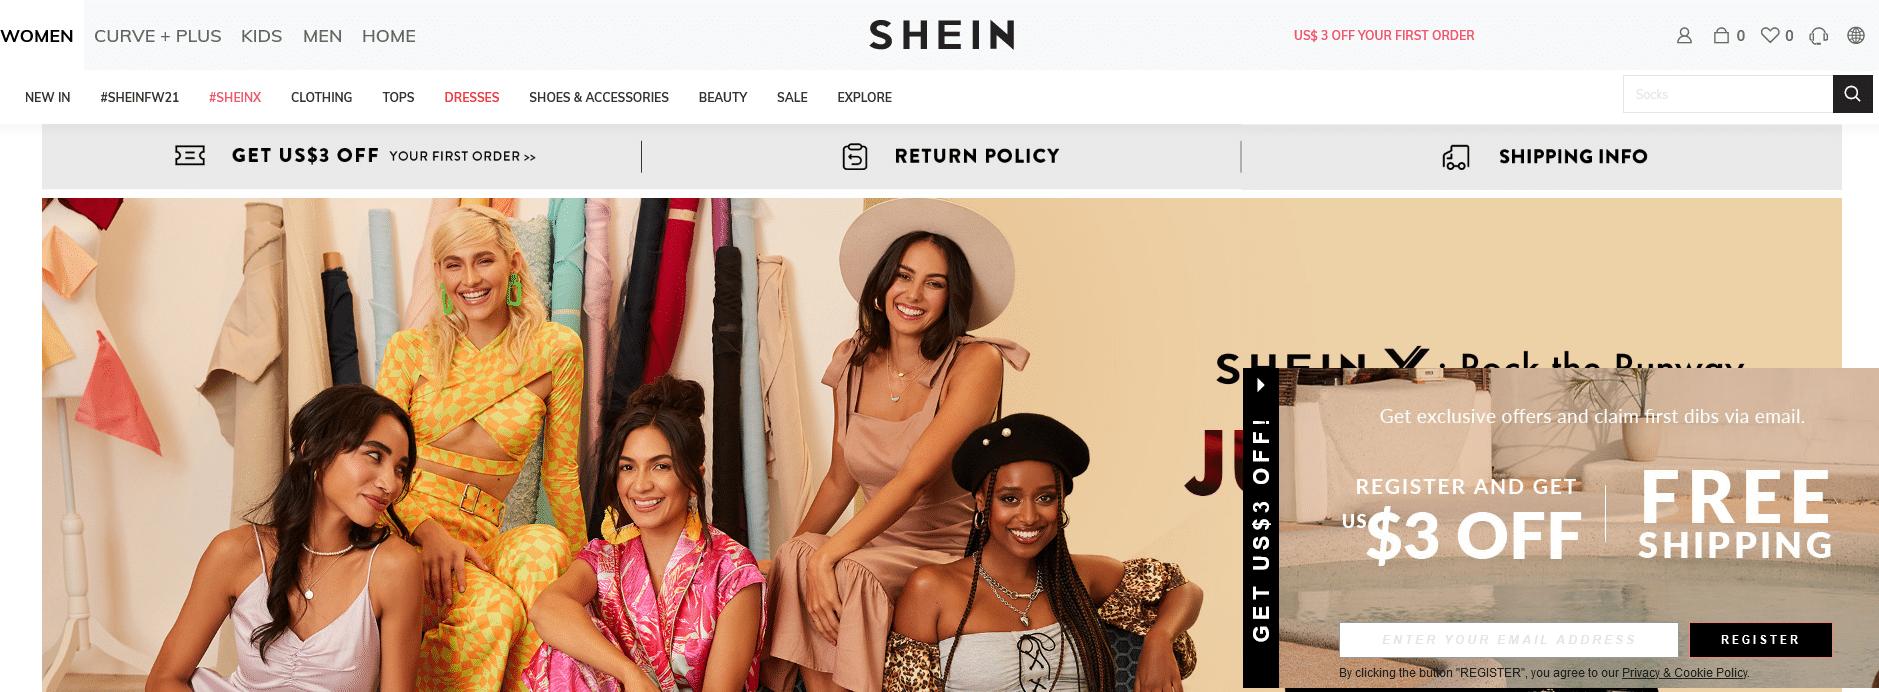 Shein website